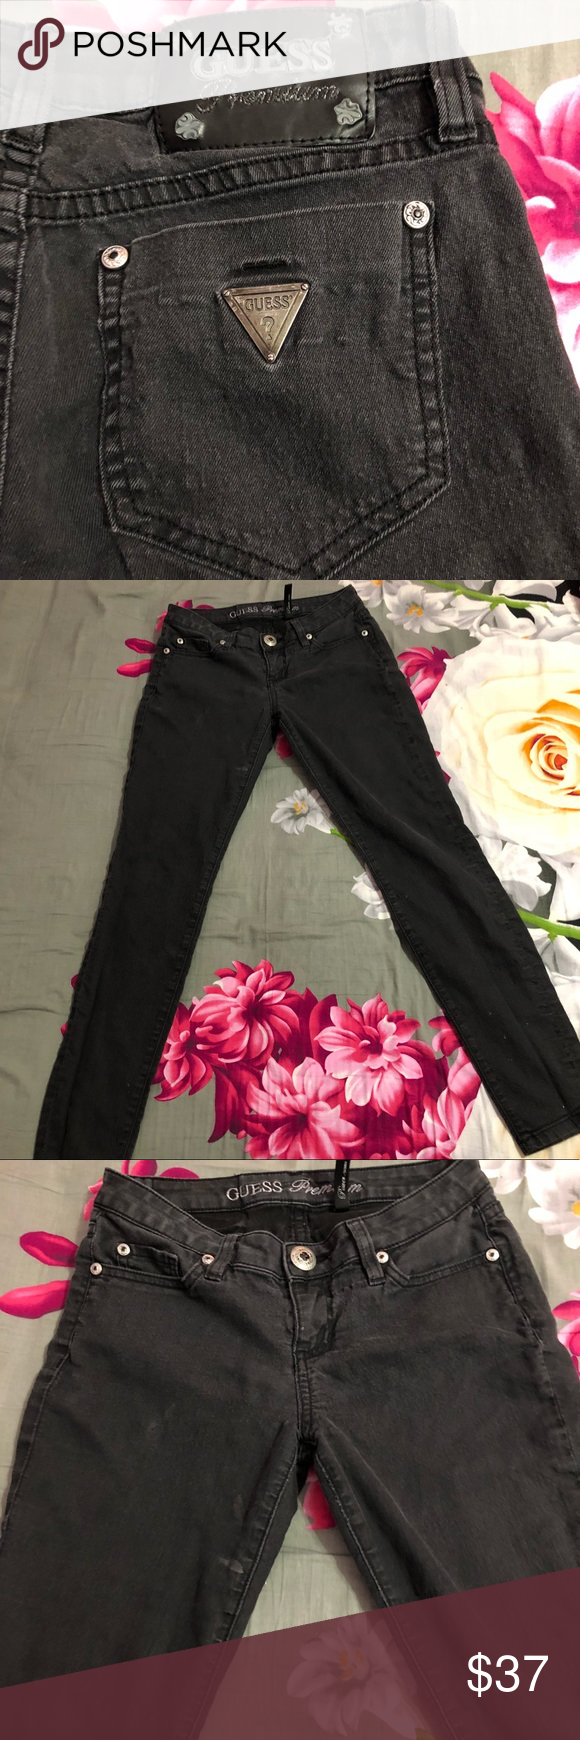 GUESS Premium Power Skinny Jeans GUESS Power Premium Black